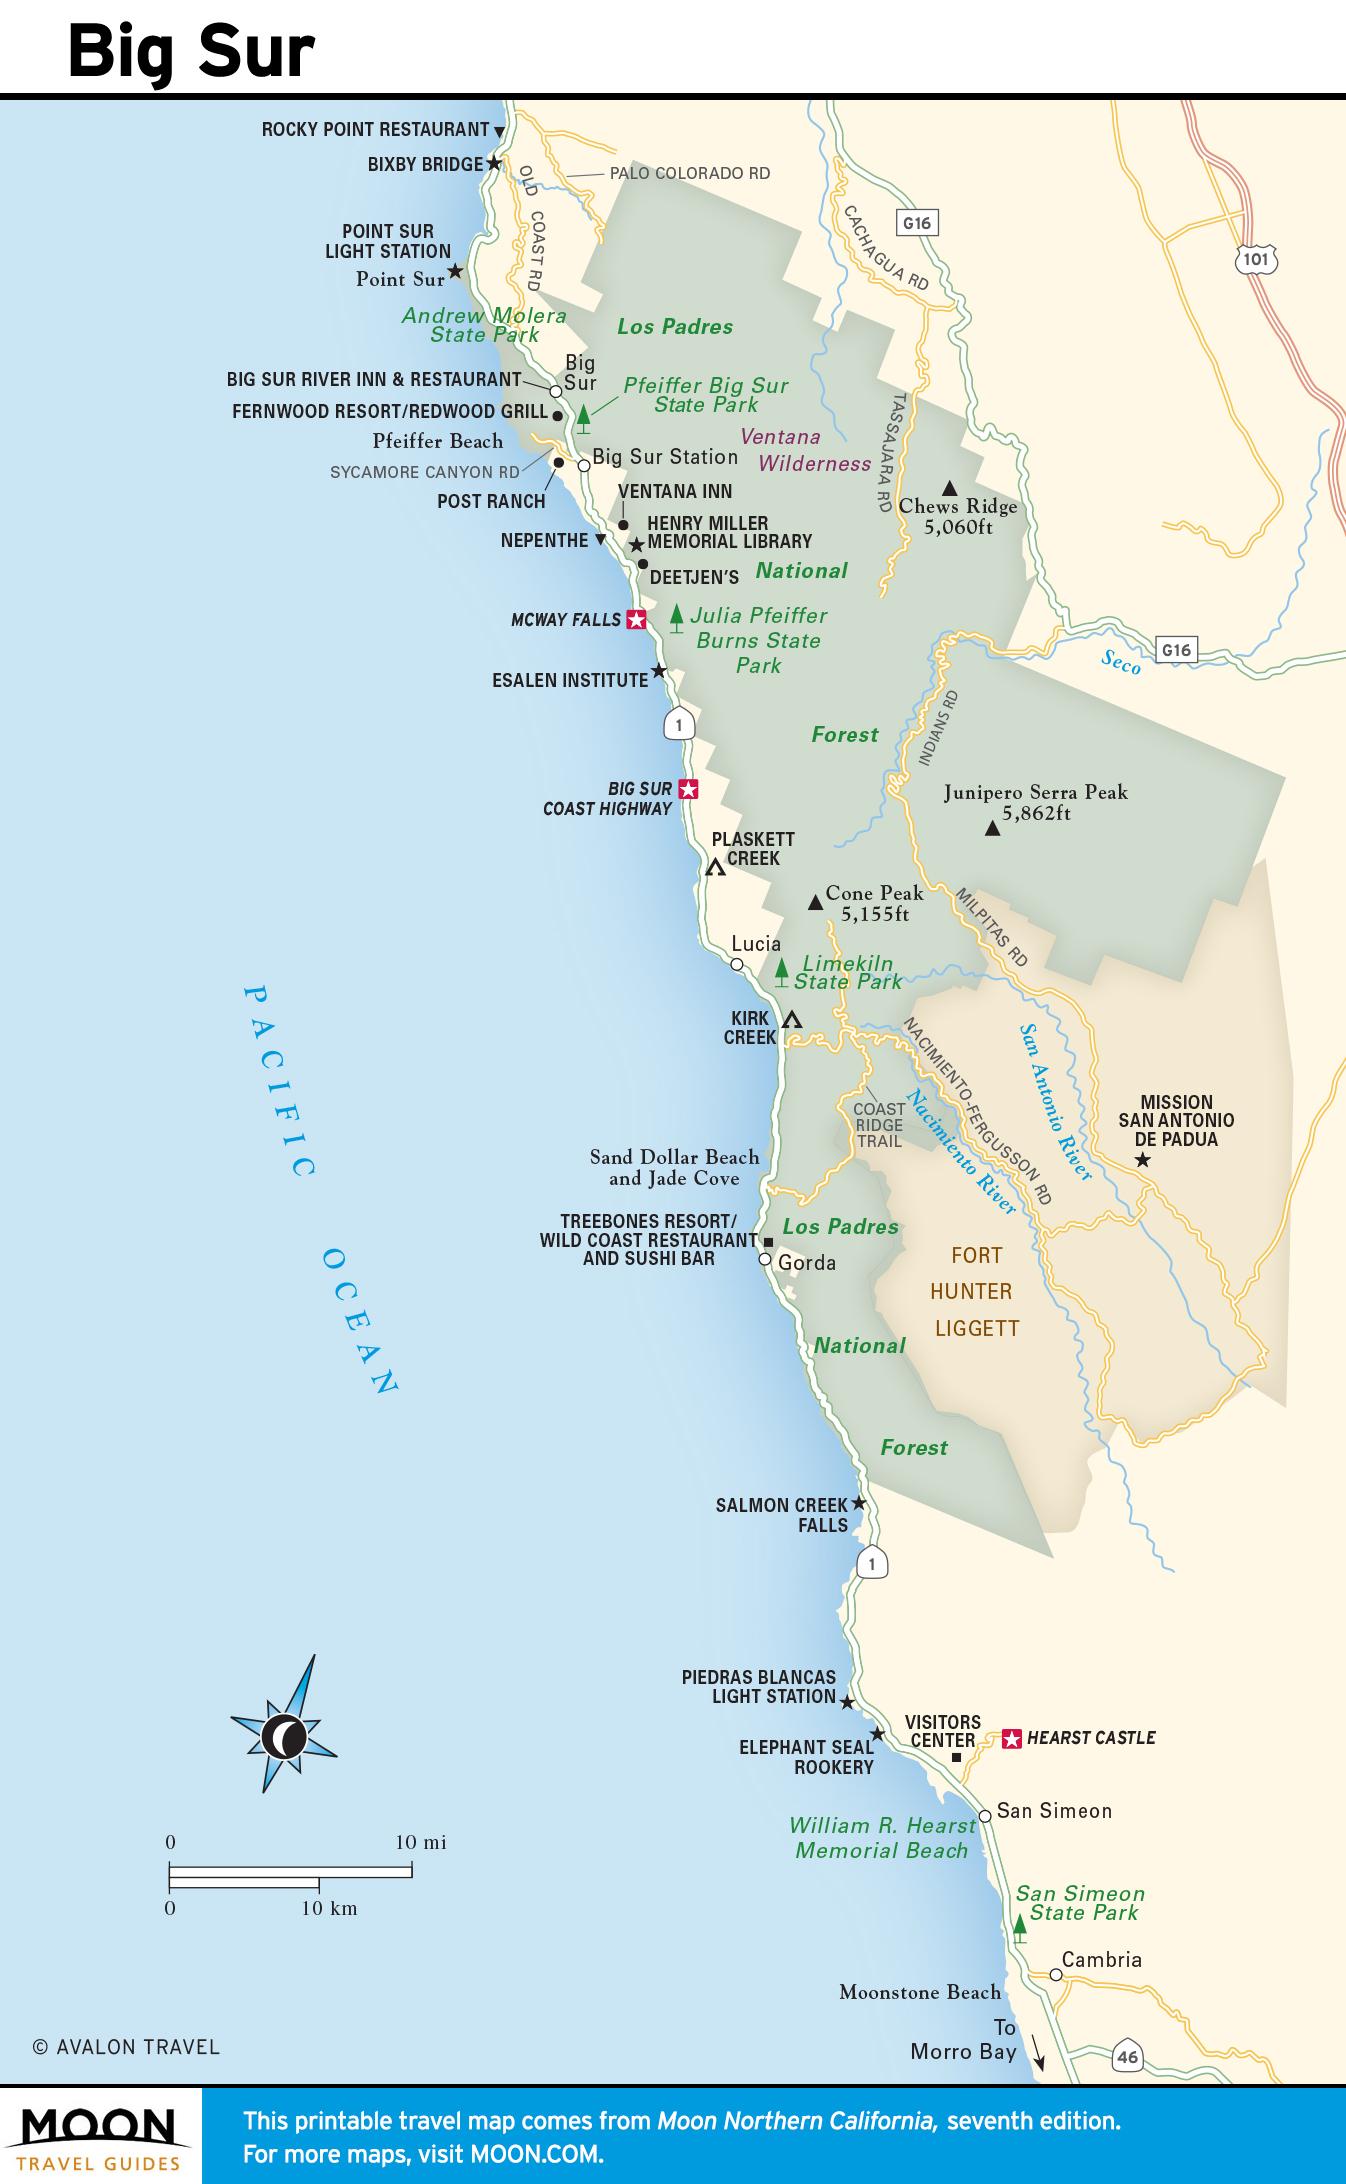 Big Sur Hd Hq Map California Coast Attractions Map - Klipy - California Coast Attractions Map